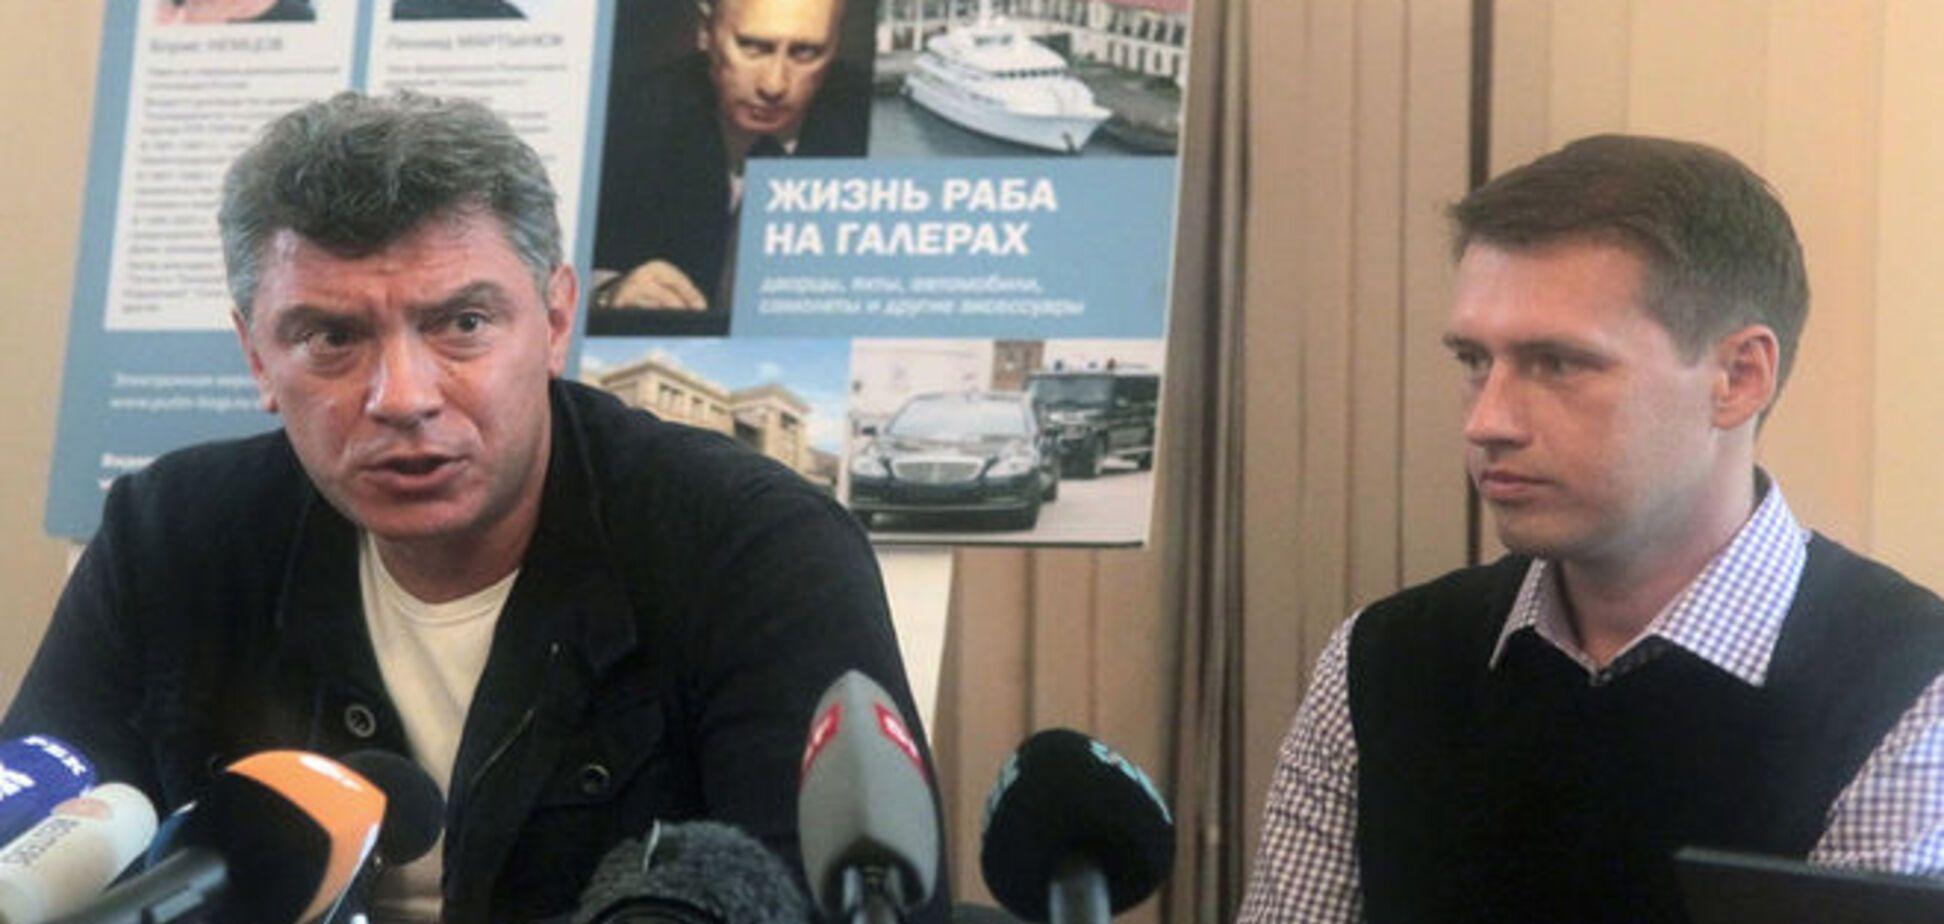 У Немцова были доказательства присутствия войск России в Украине – Порошенко